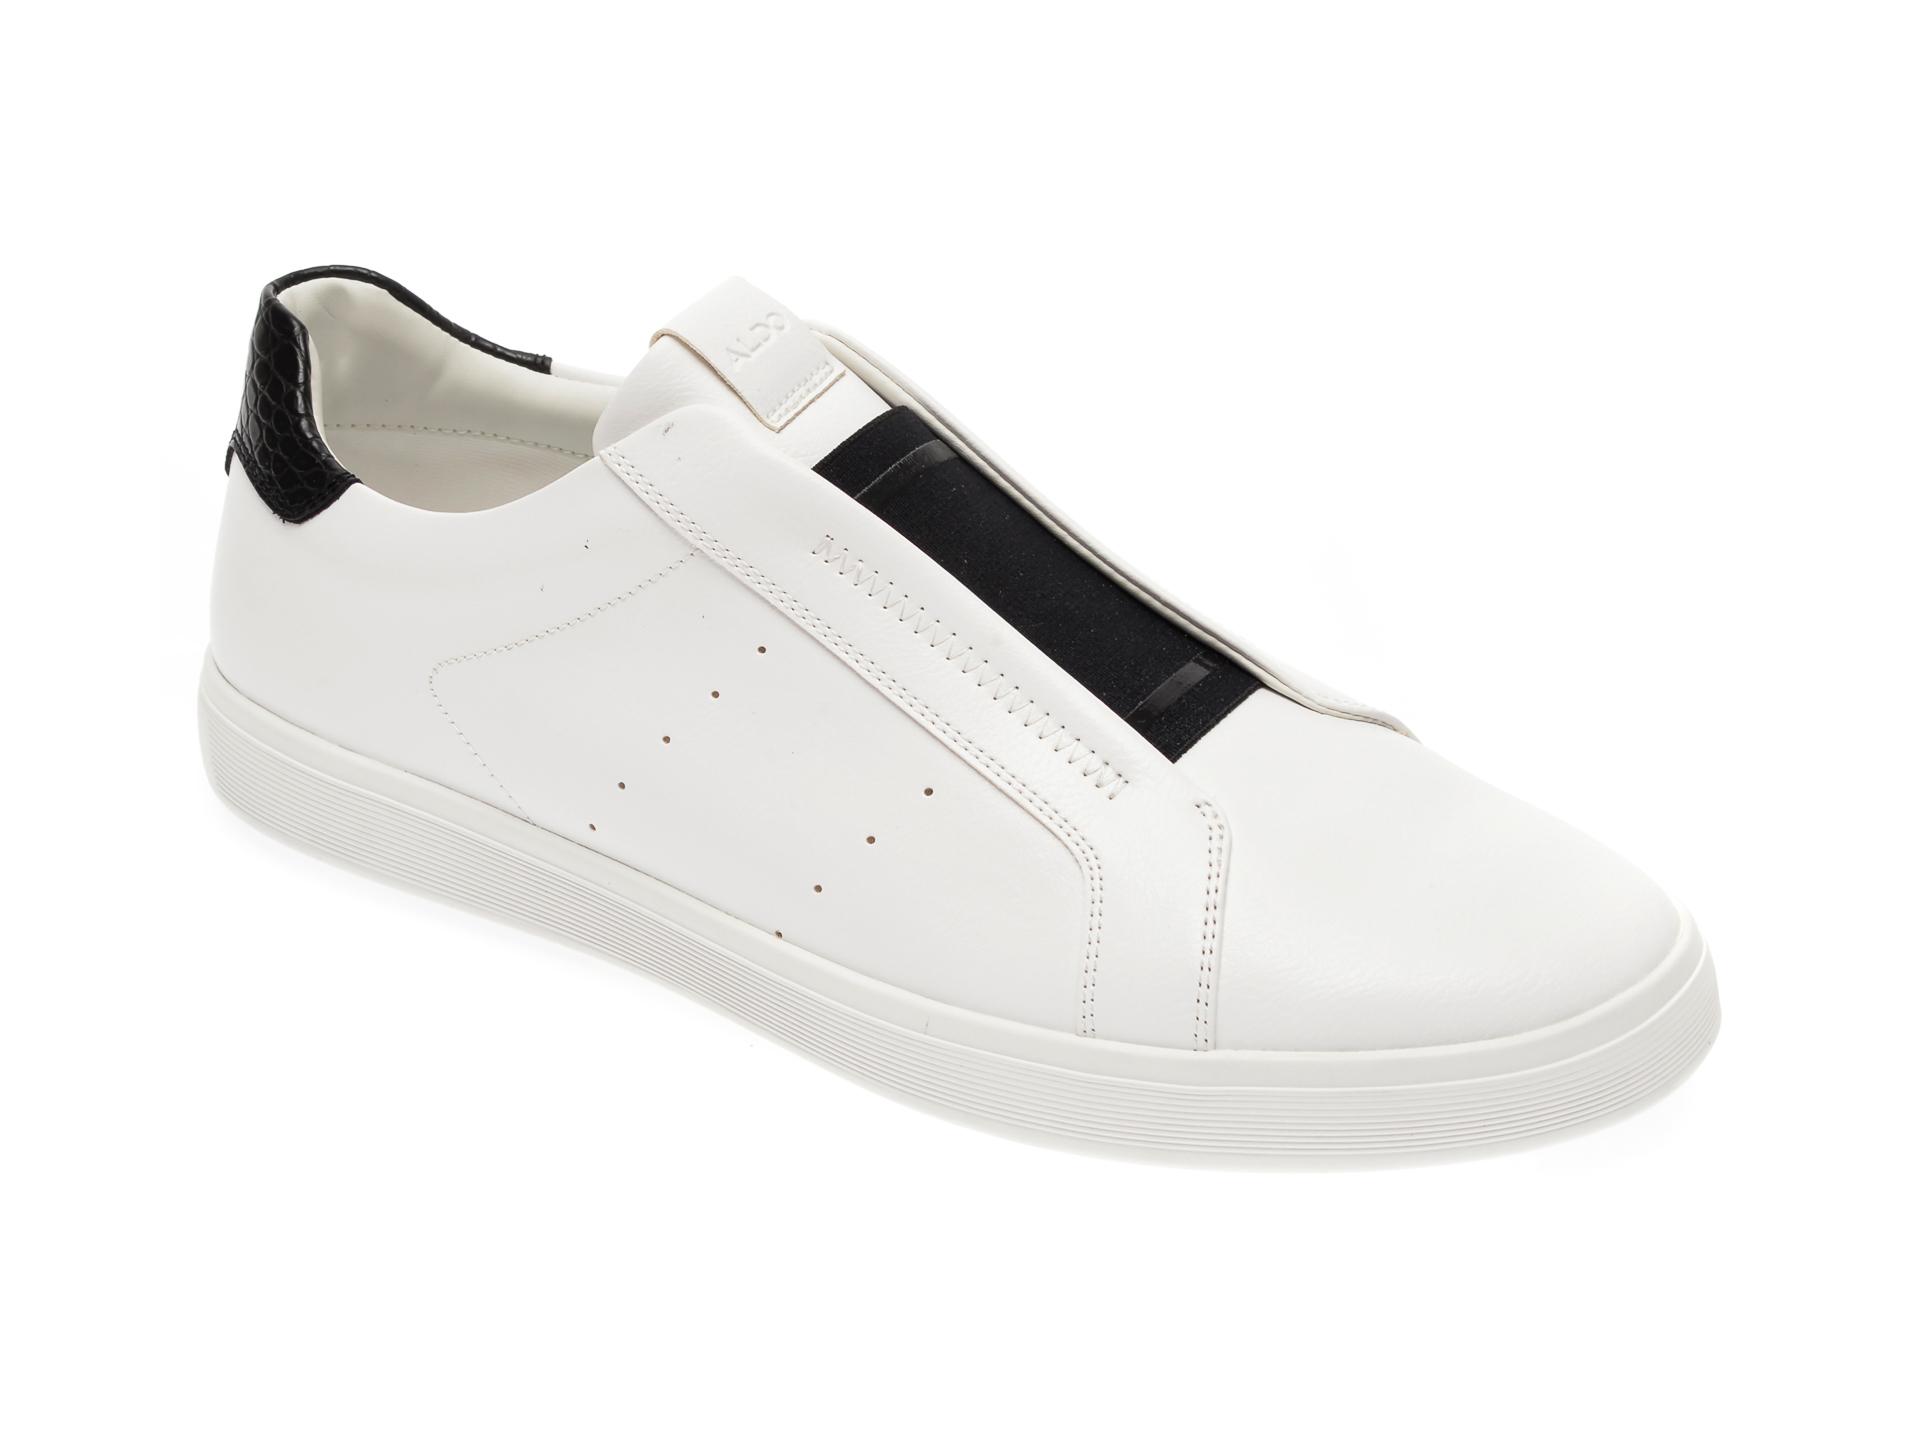 Pantofi ALDO albi, Boomerang100, din piele ecologica imagine